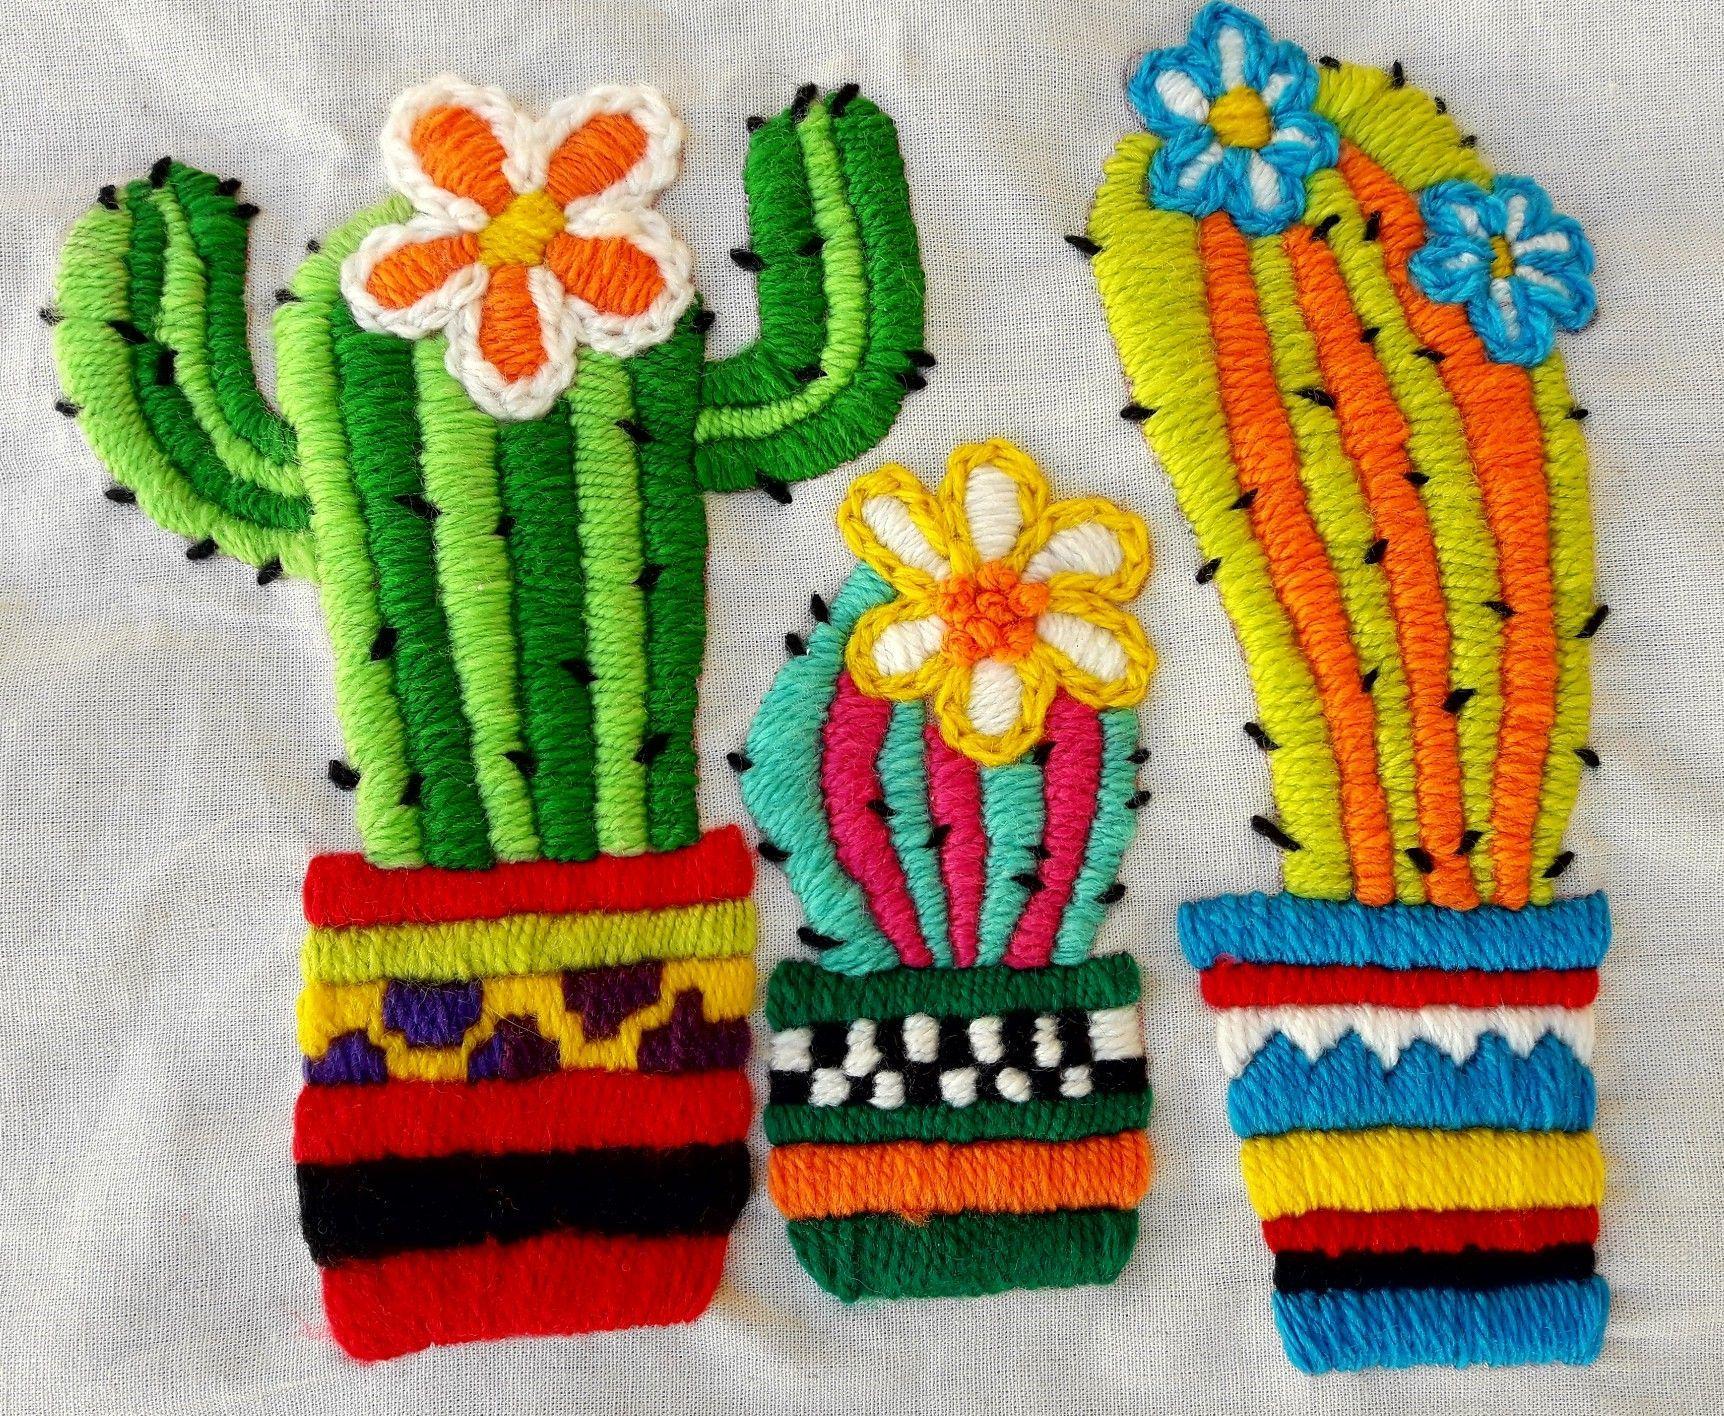 Planteras bordadas #bordadosmexicanos   Corazones bordados